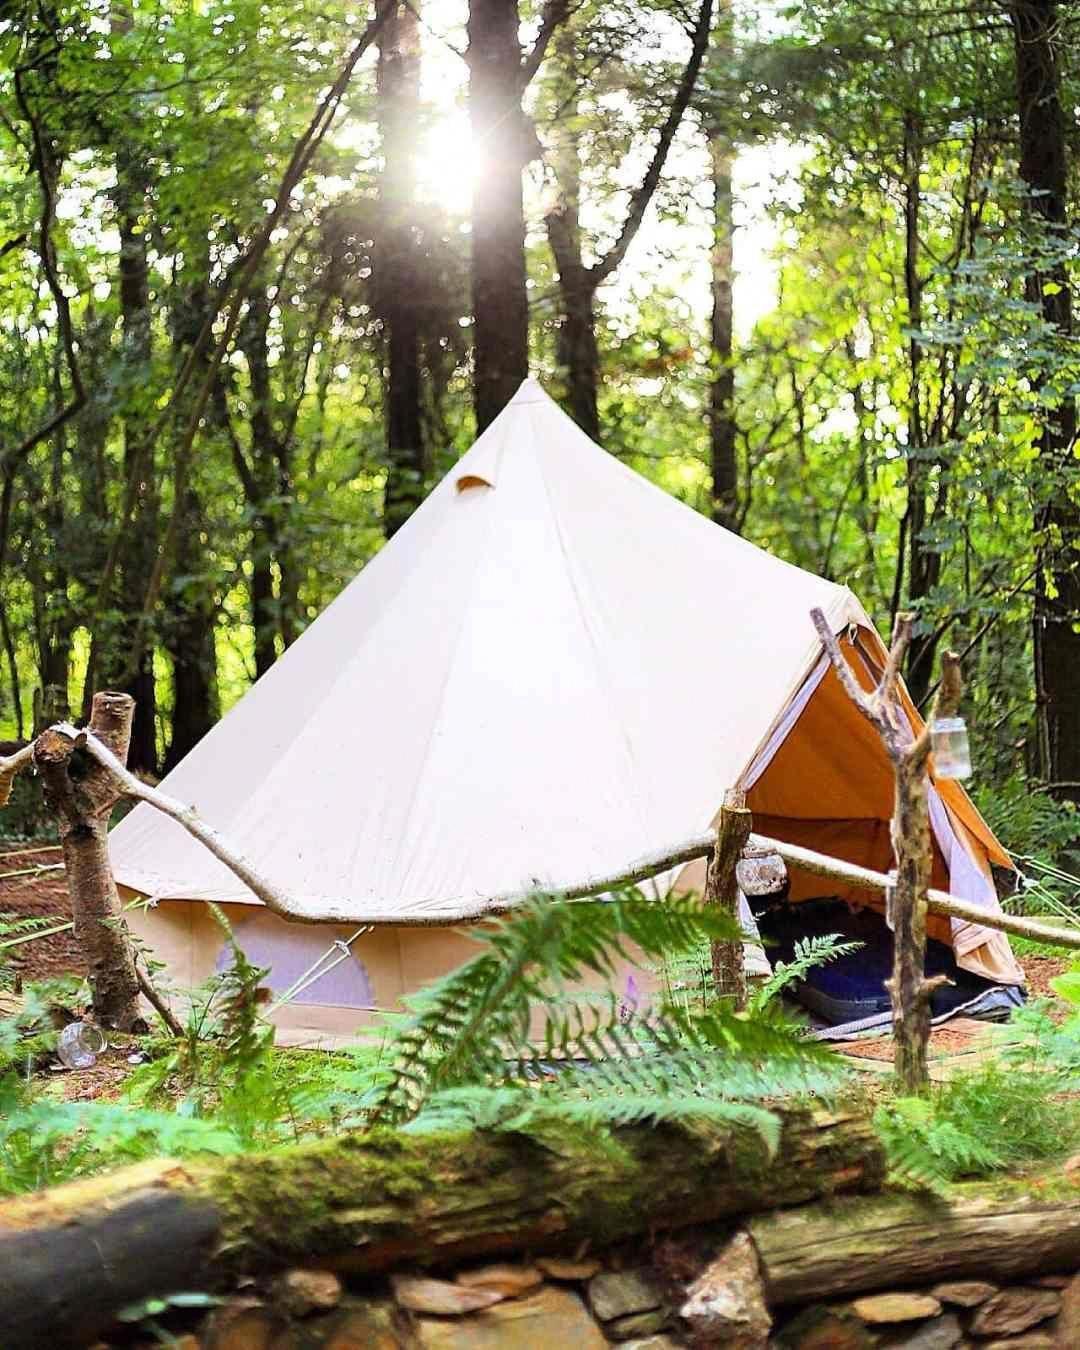 Camping Upstate New York Campingforbeginners Code 7272218755 Colemancampingstove Camping Lights Outdoor Camping Camping Cornwall